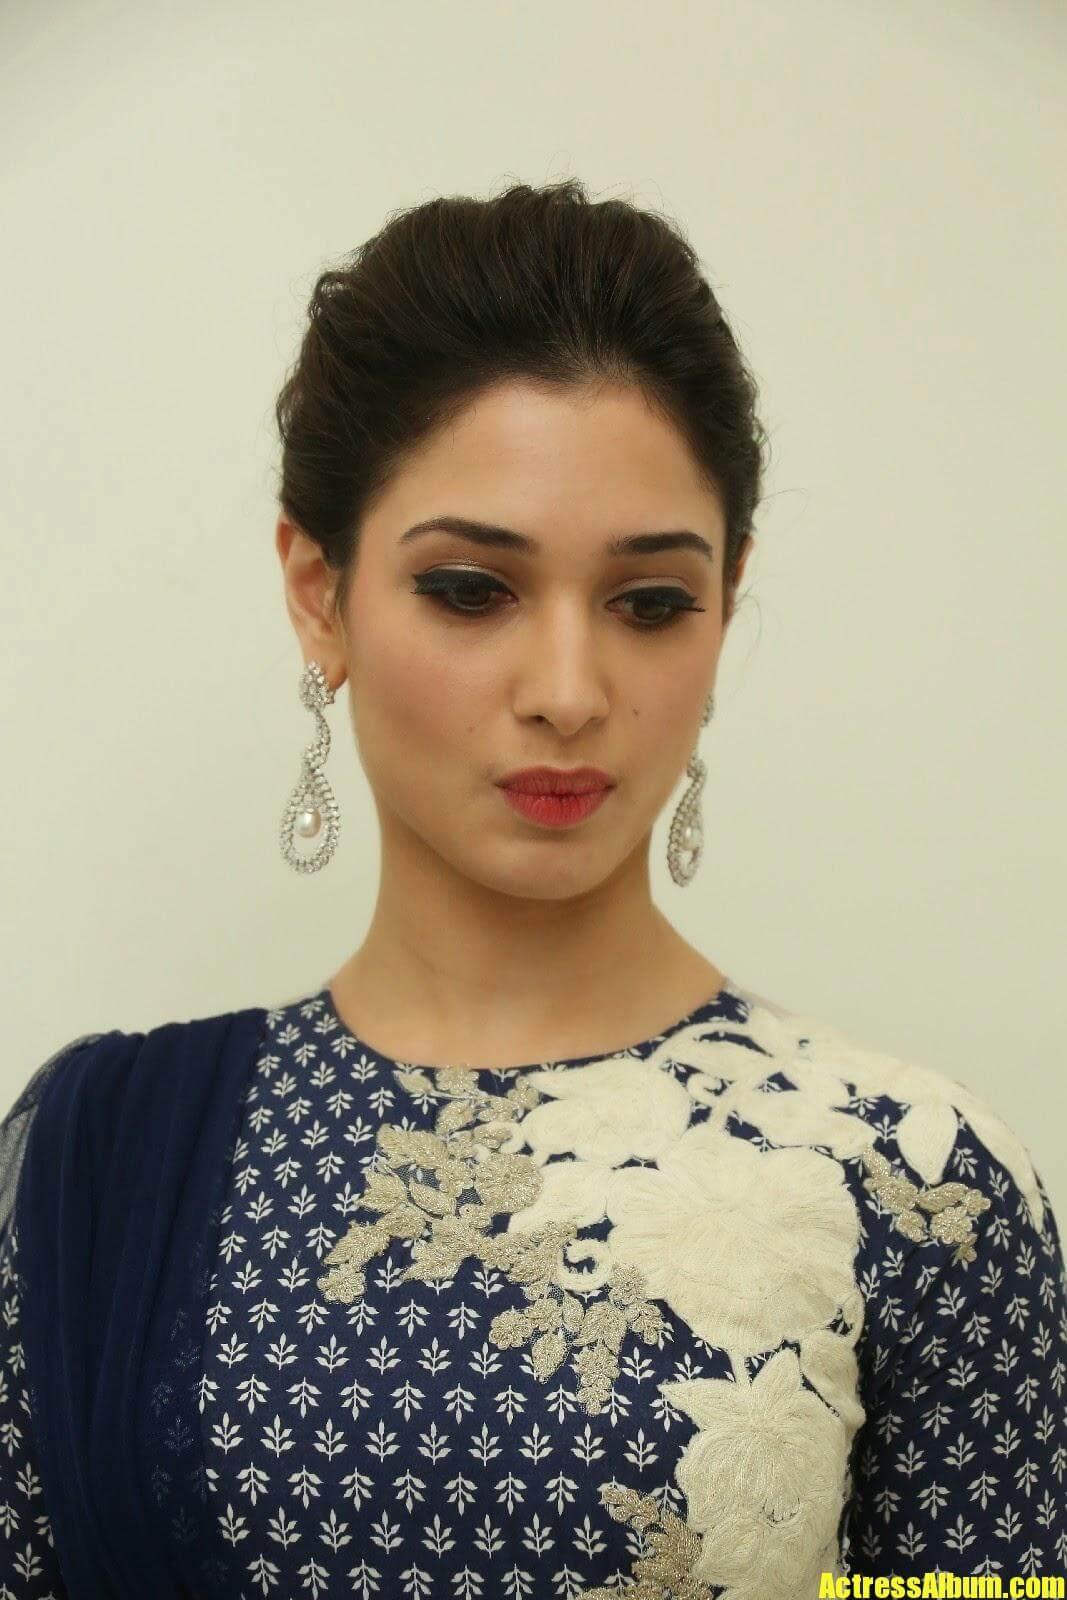 Actress Tamanna Face Closeup Pics